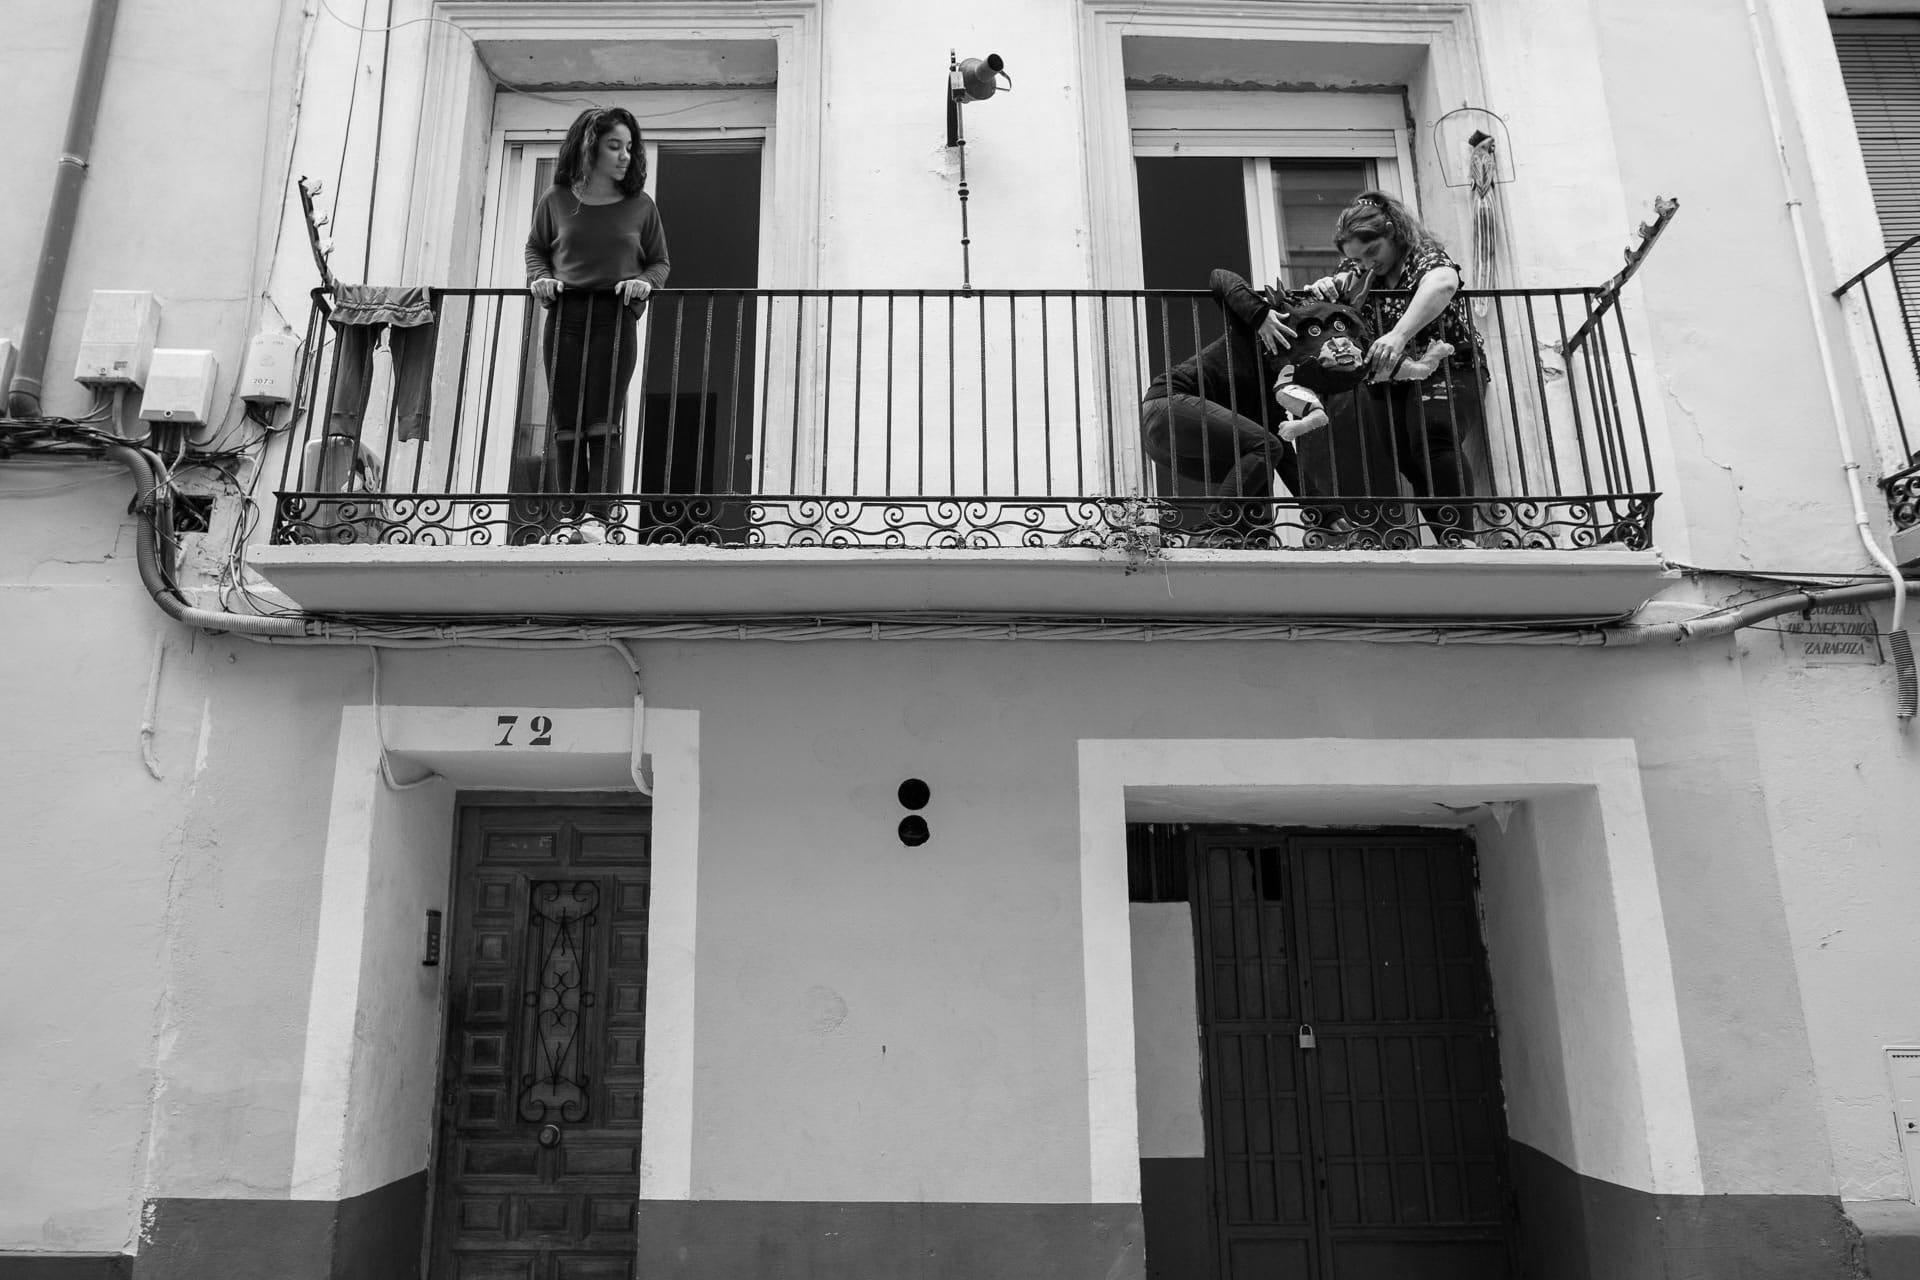 'Seres de cambio', alebrijes en los balcones del barrio del Gancho